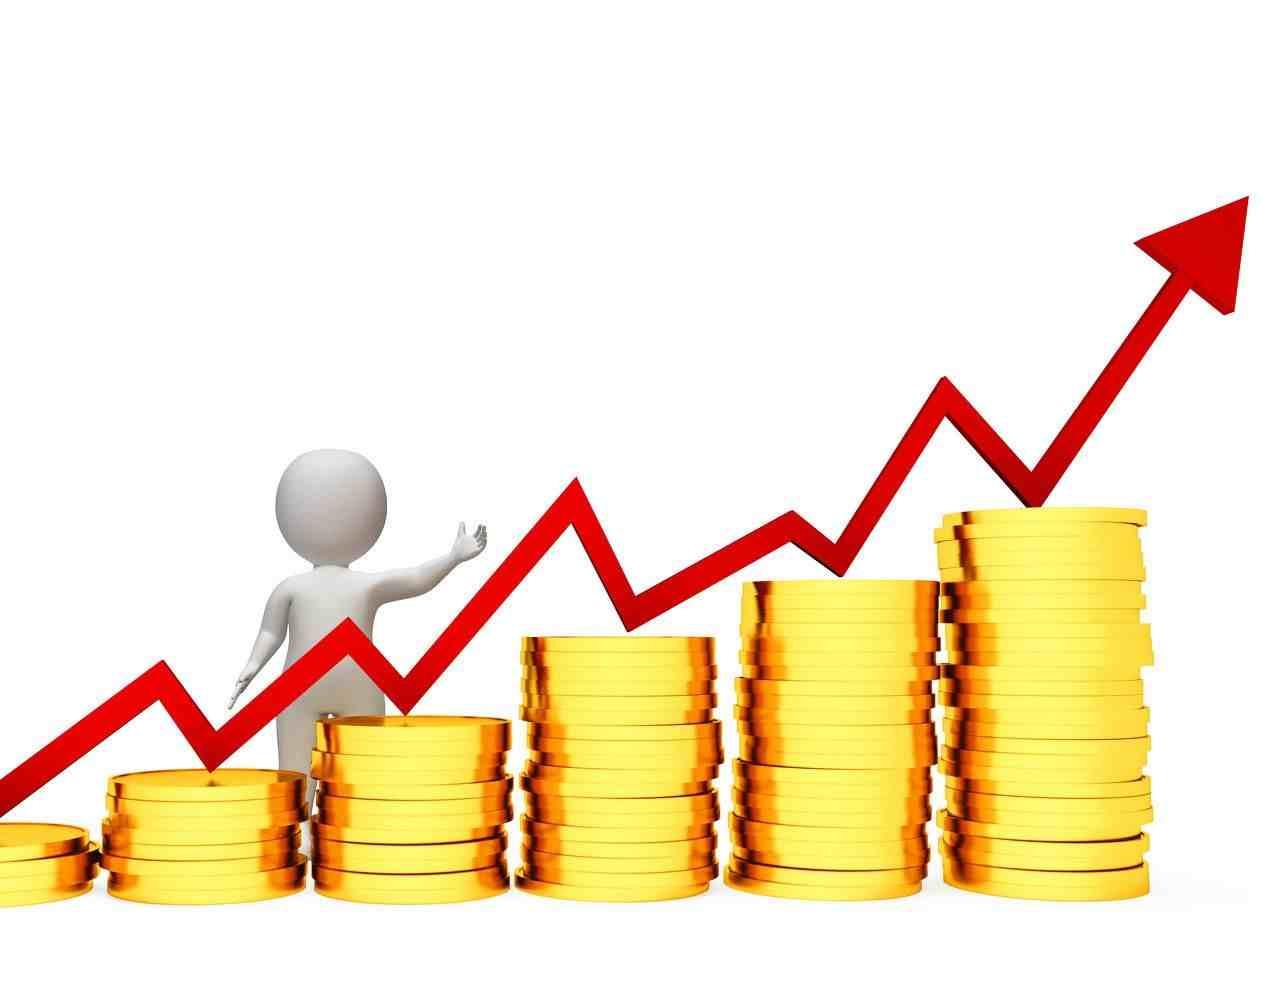 预期收益是什么意思(目前的理财产品都标注预期收益率,到底说的是什么?)